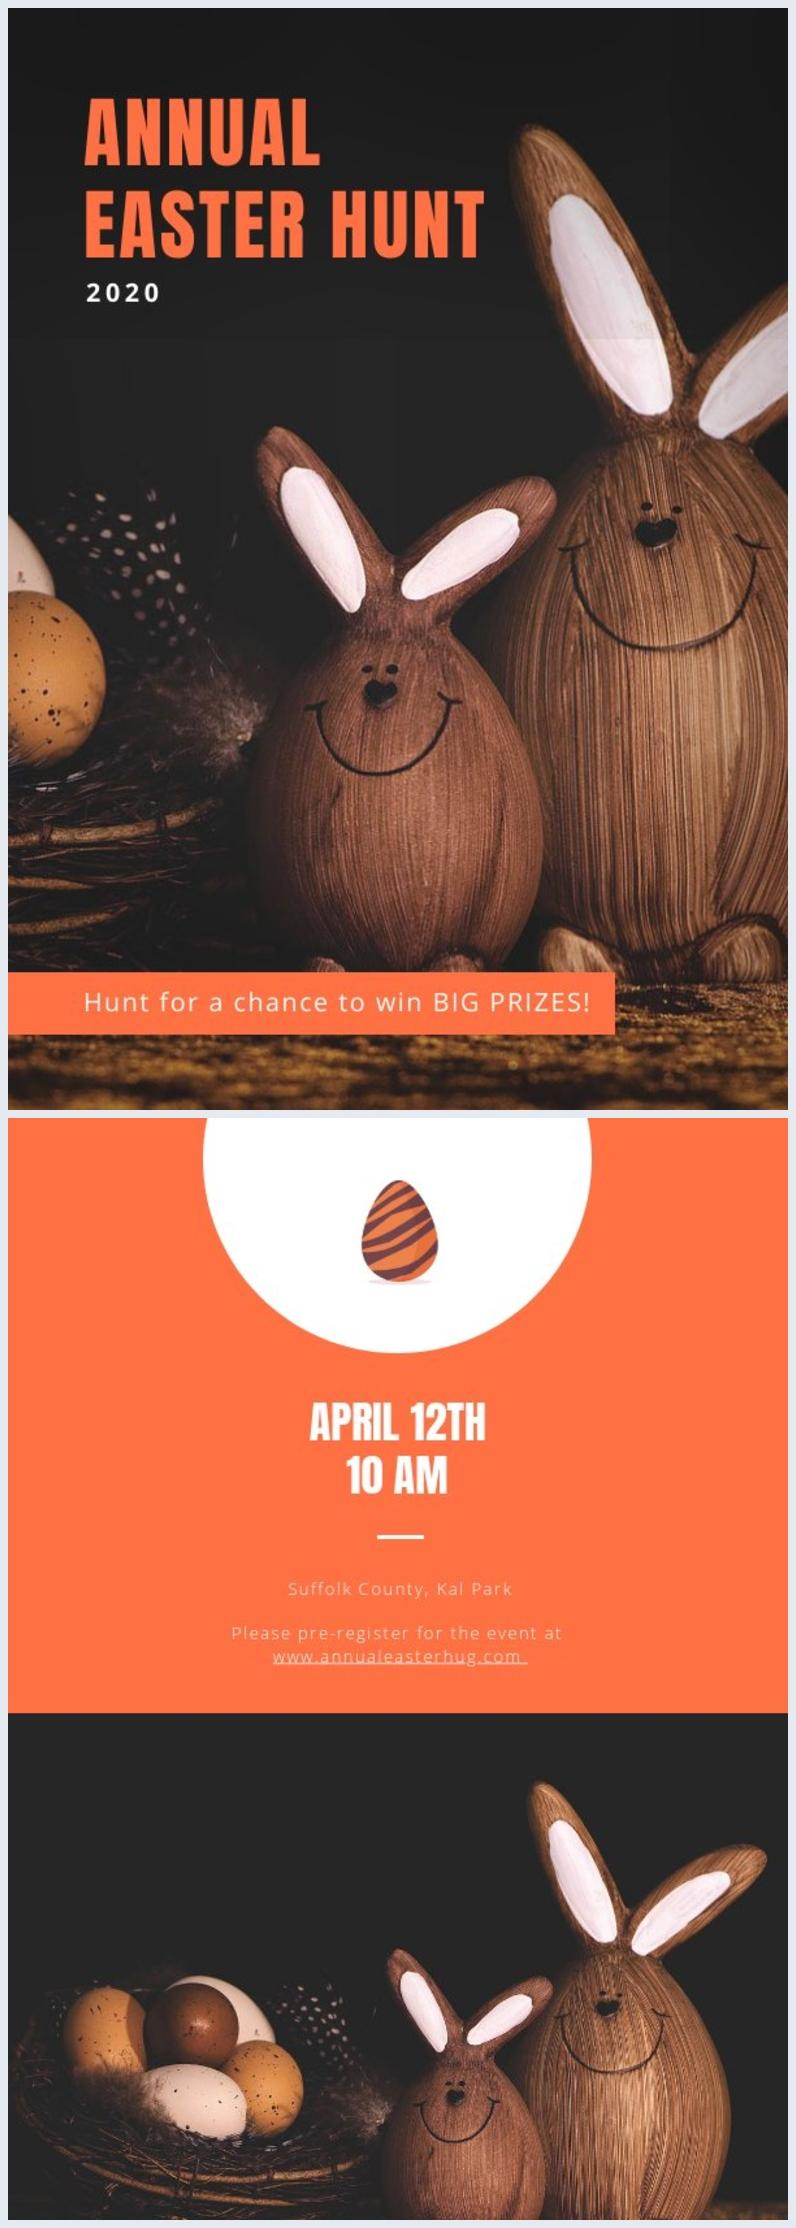 Plantilla de invitación a búsqueda de huevos de pascua 2020